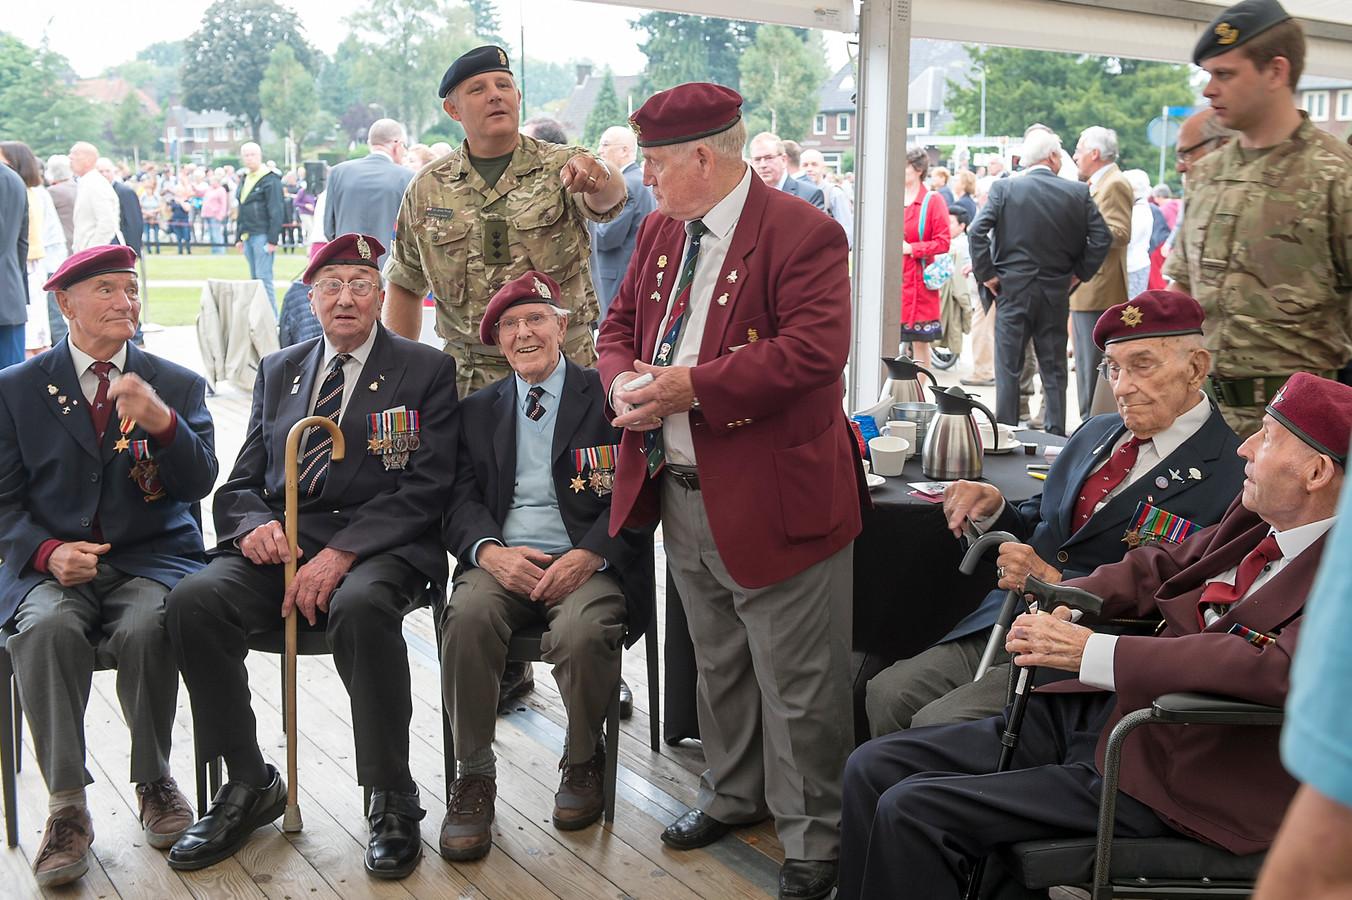 Britse veteranen in Oosterbeek tijdens de Airborne Wandeltocht van twee jaar geleden.